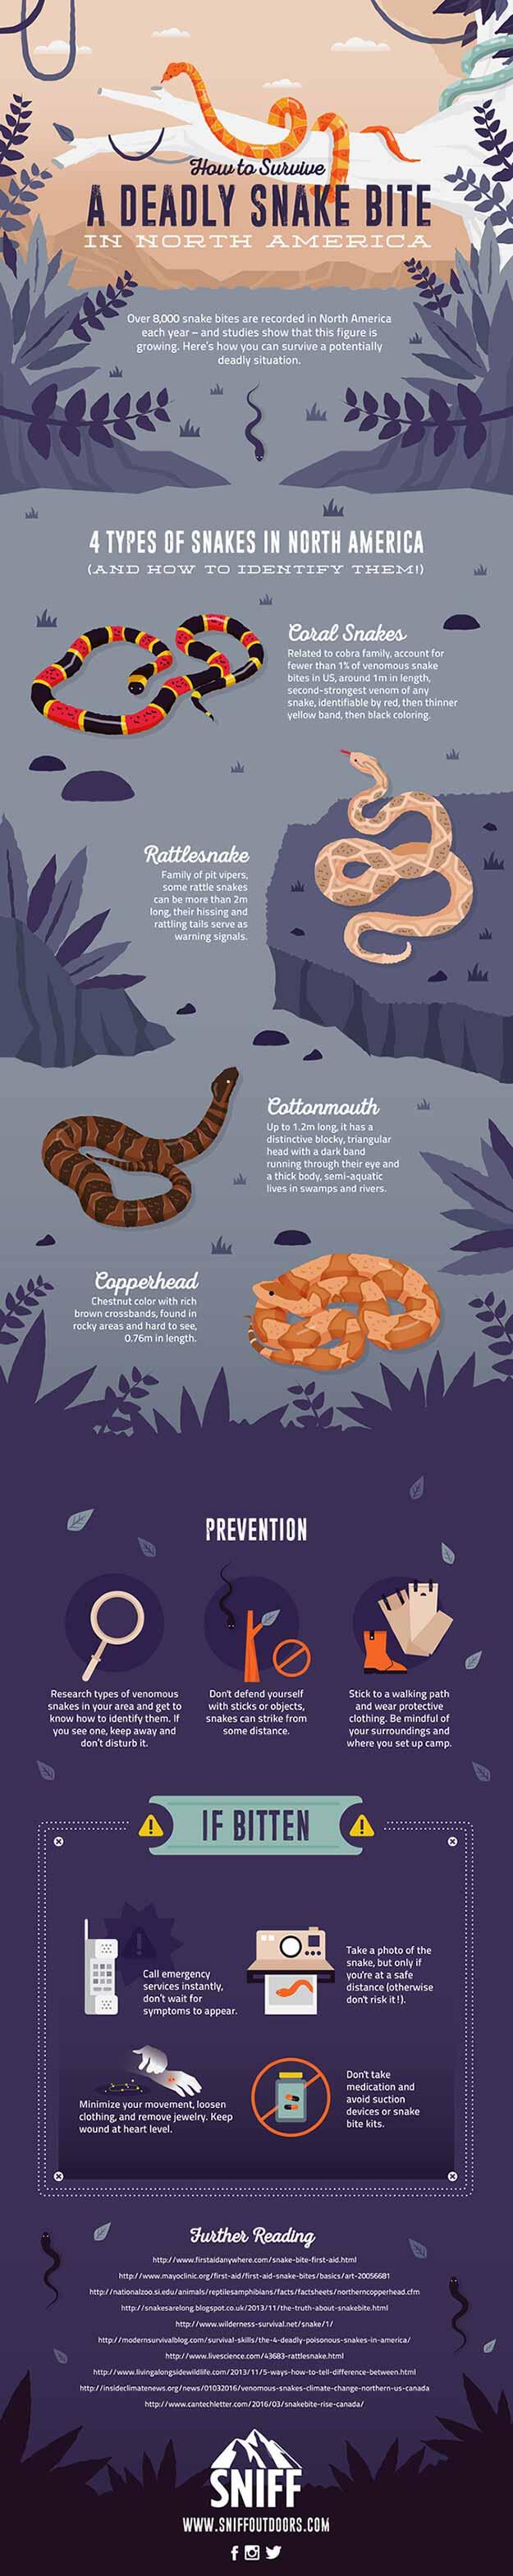 deadly snake bite